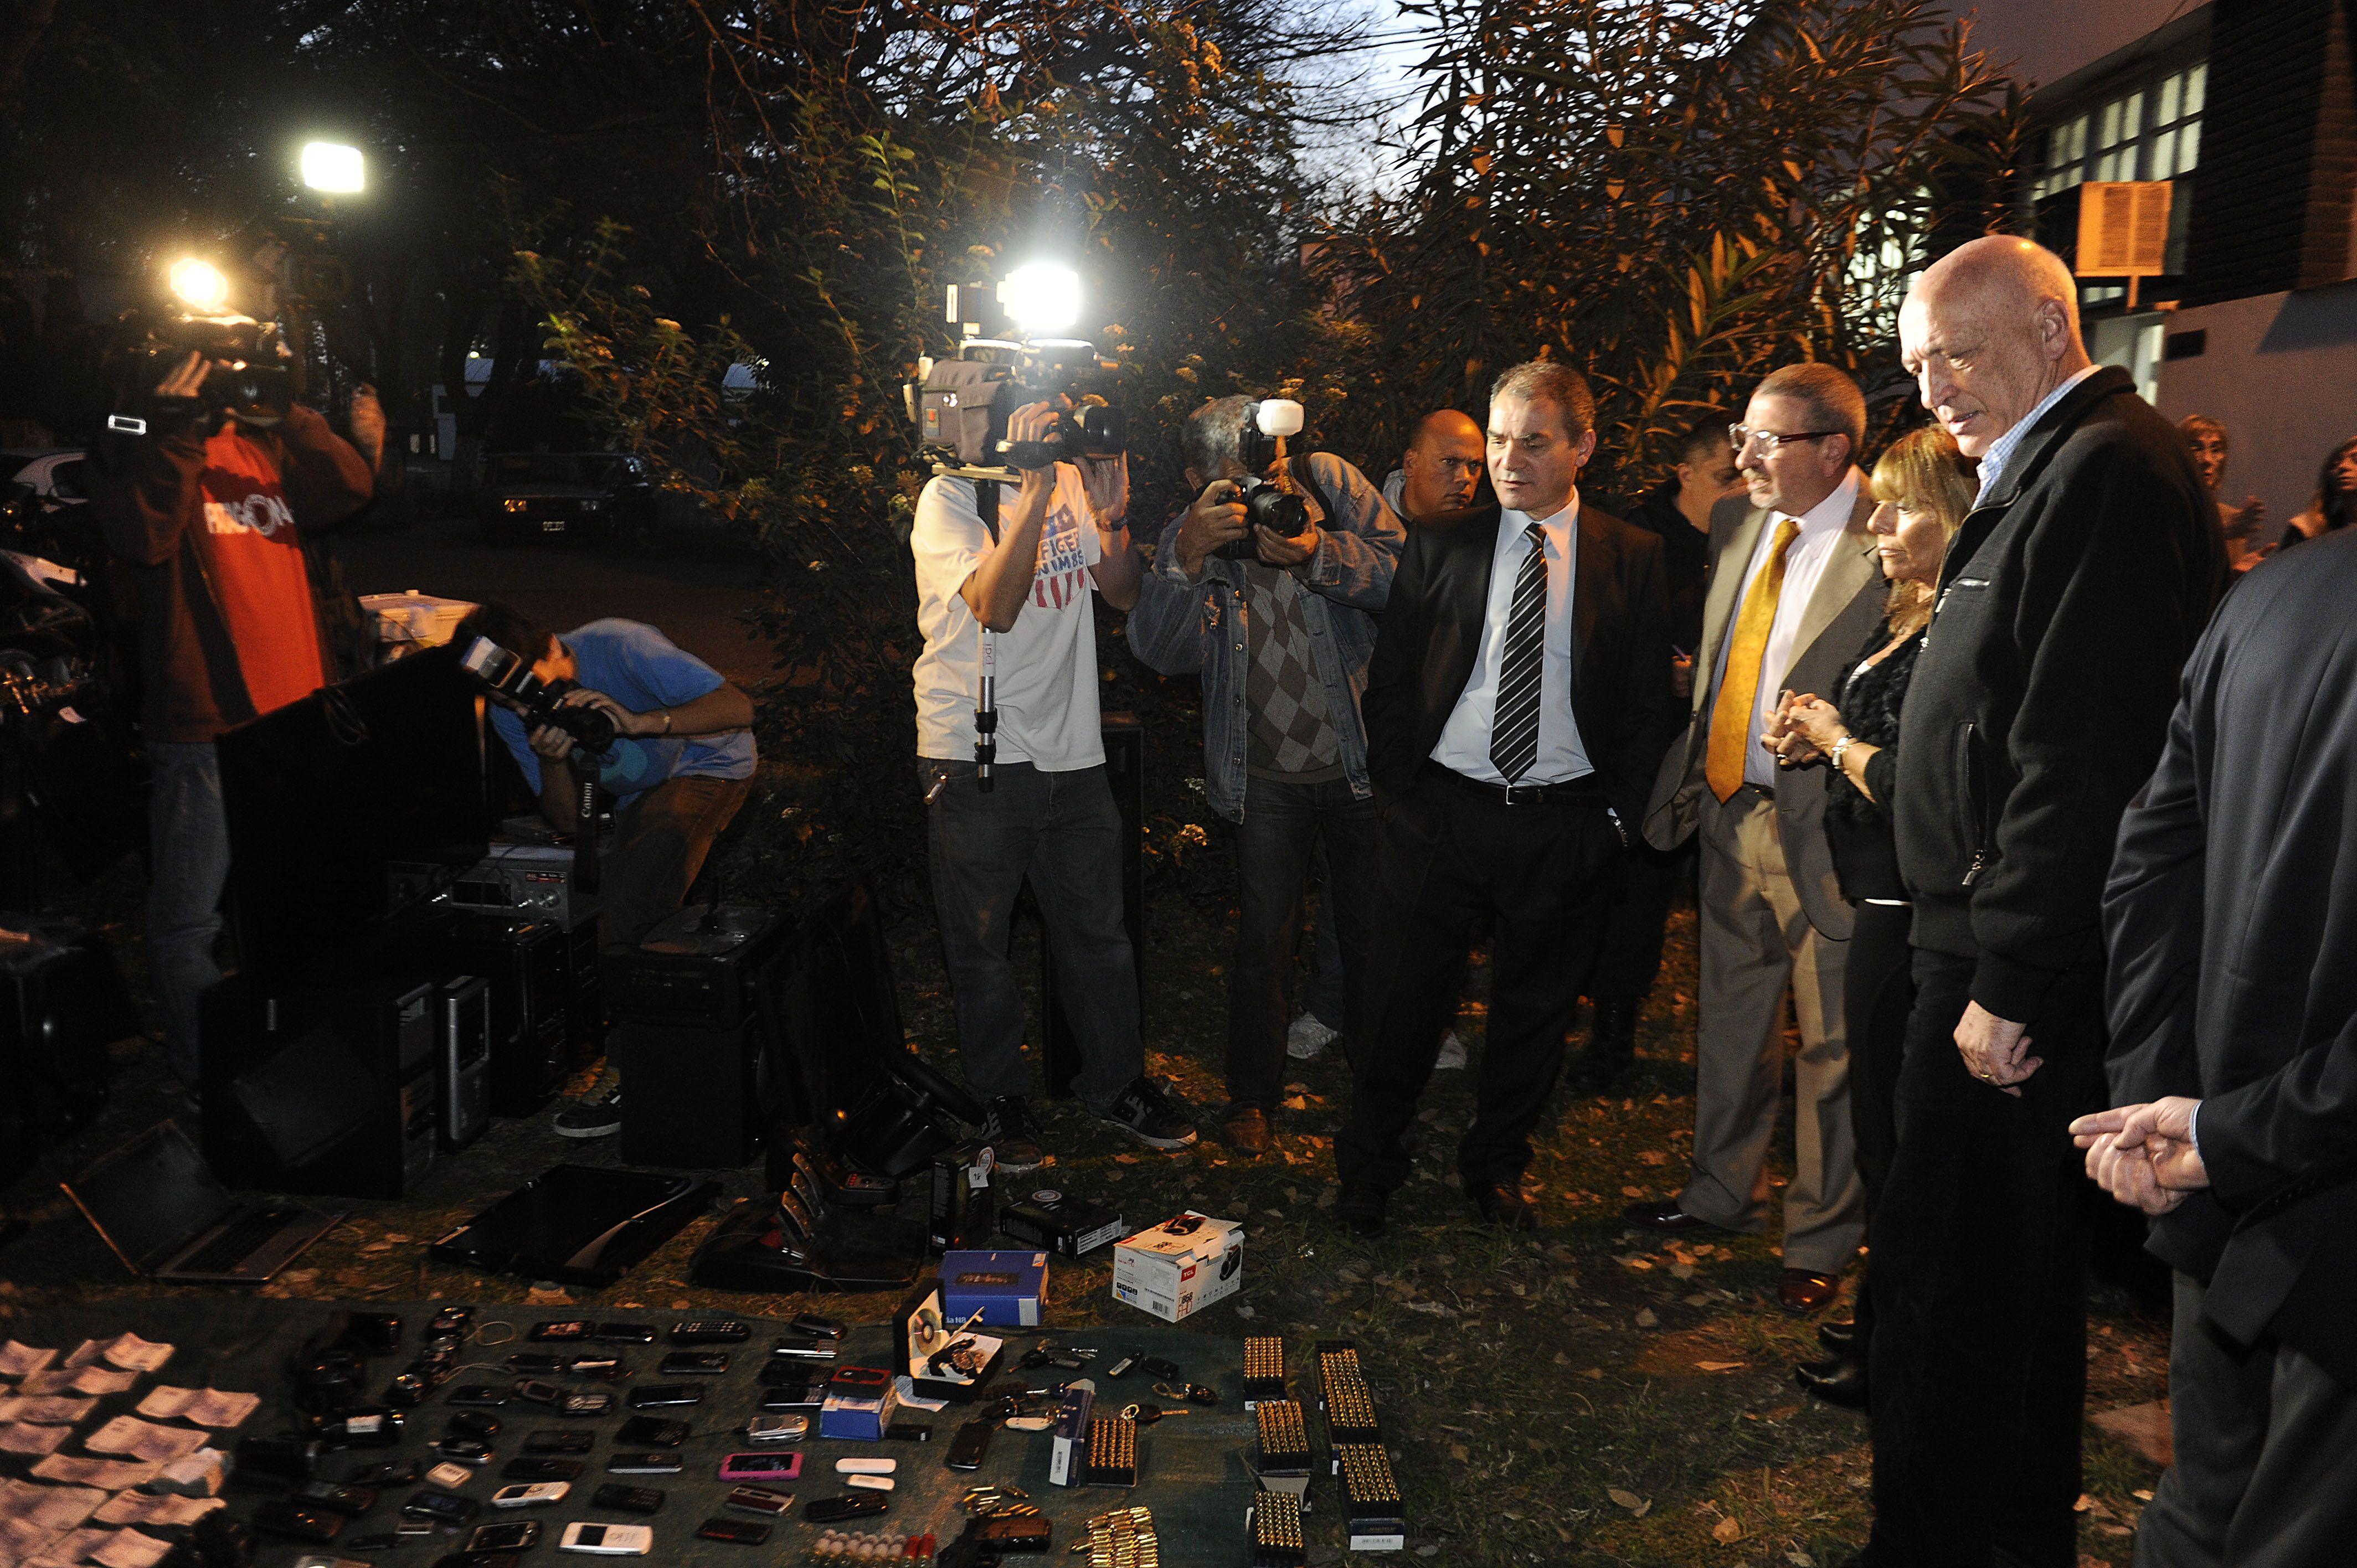 El gobernador y los funcionarios judiciales exhiben los elementos secuestrados ayer. (Foto: H. Río)